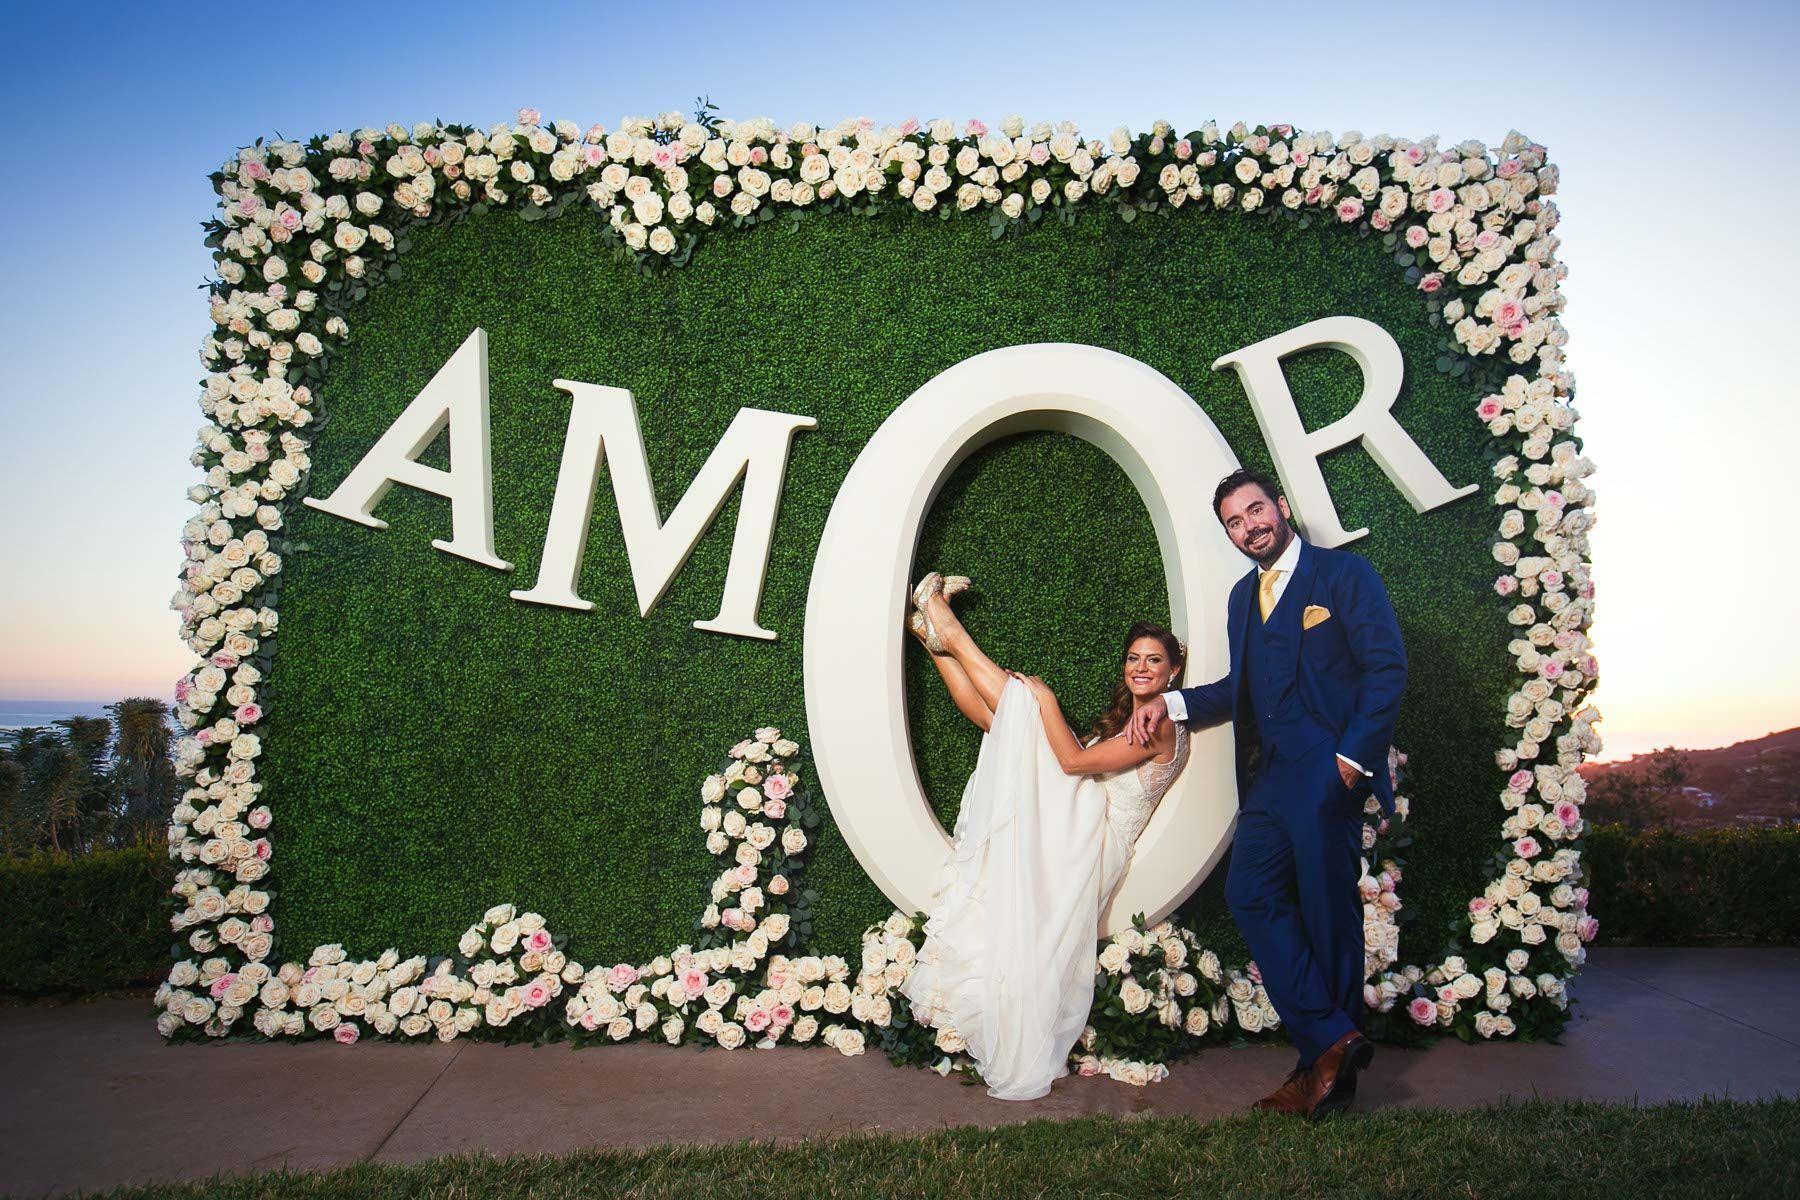 08-150919-Carolina-Wedding-16537-Edit